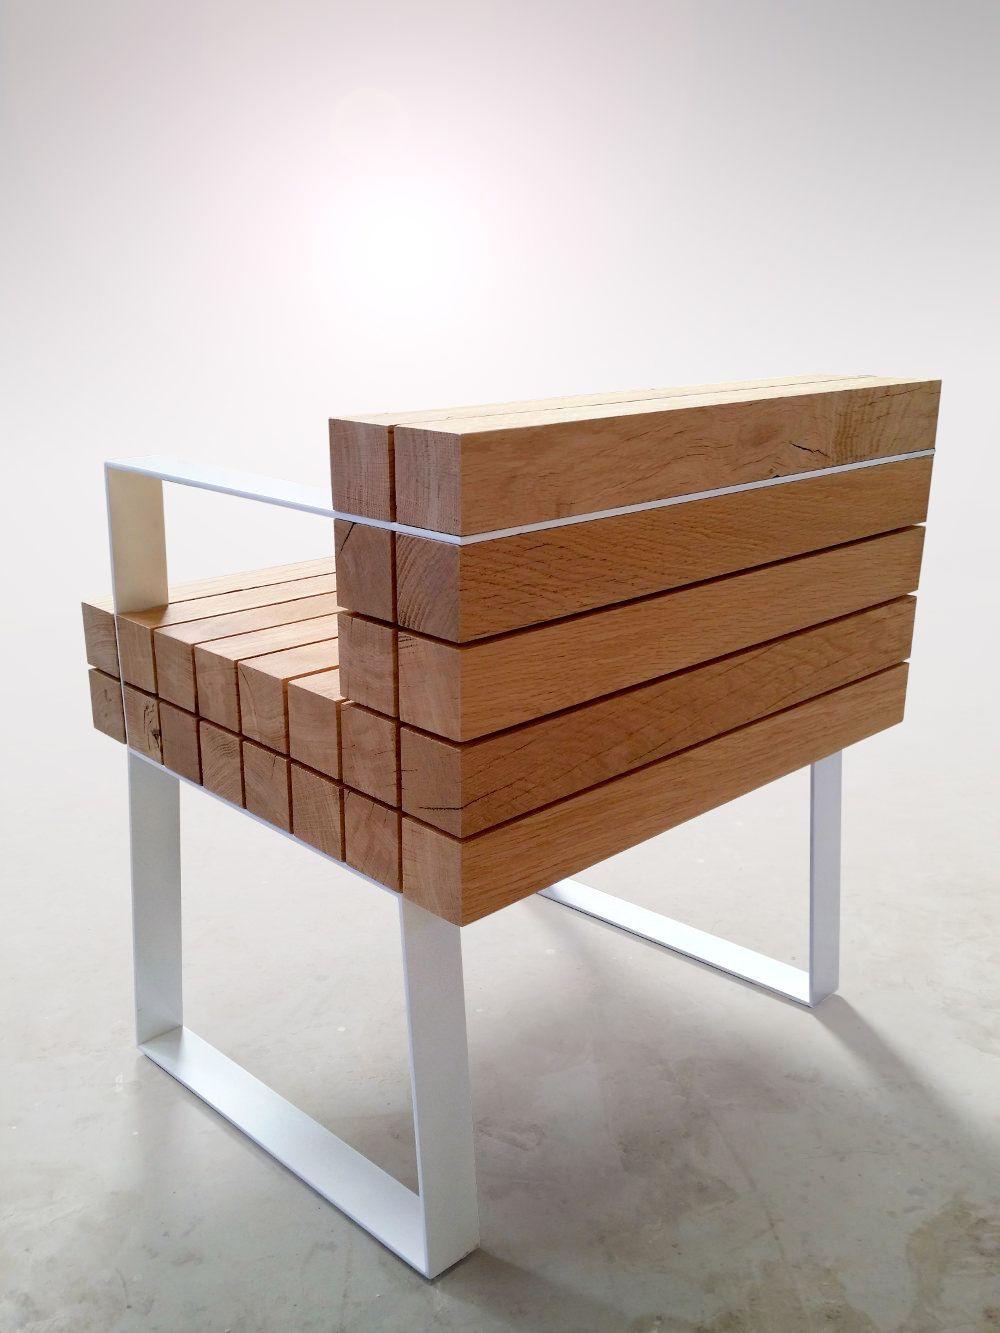 Chaiss Petit Fauteuil Par Sébastien Mazzoni Woods Armchairs And Bench - Petit fauteuil en bois